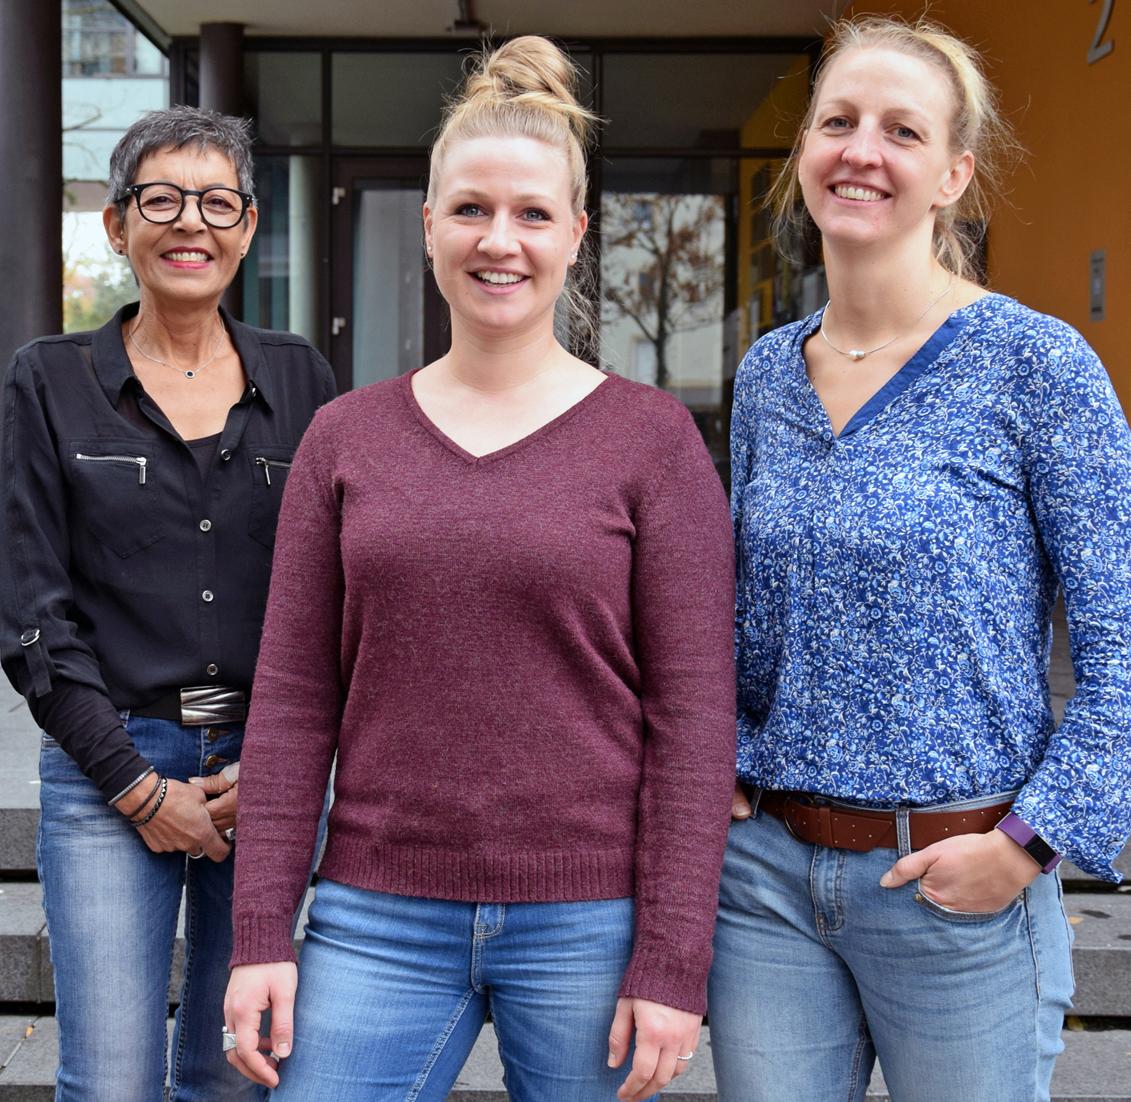 Gabriele Glocker, Verena Zupan und Anja Haaff